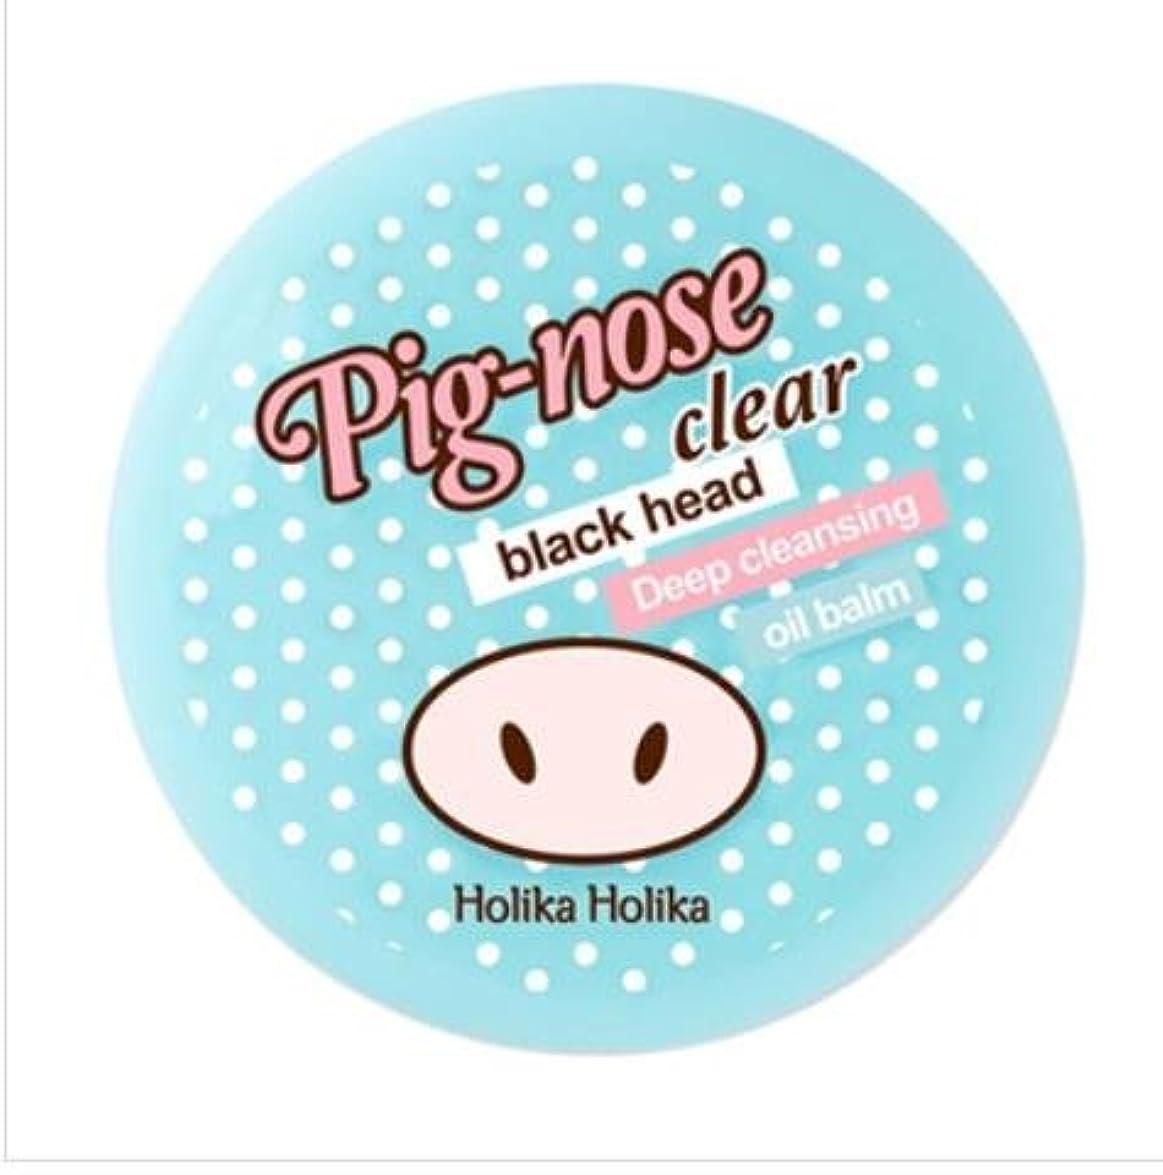 リダクター勧めるマキシム[ホリカホリカ] Holika Holika [Pig Nose Clear Black Head Deep Cleansing Oil Balm] (ピッグノーズクリア ブラックヘッド ディープクレンジング オイルバーム 25g) [並行輸入品]